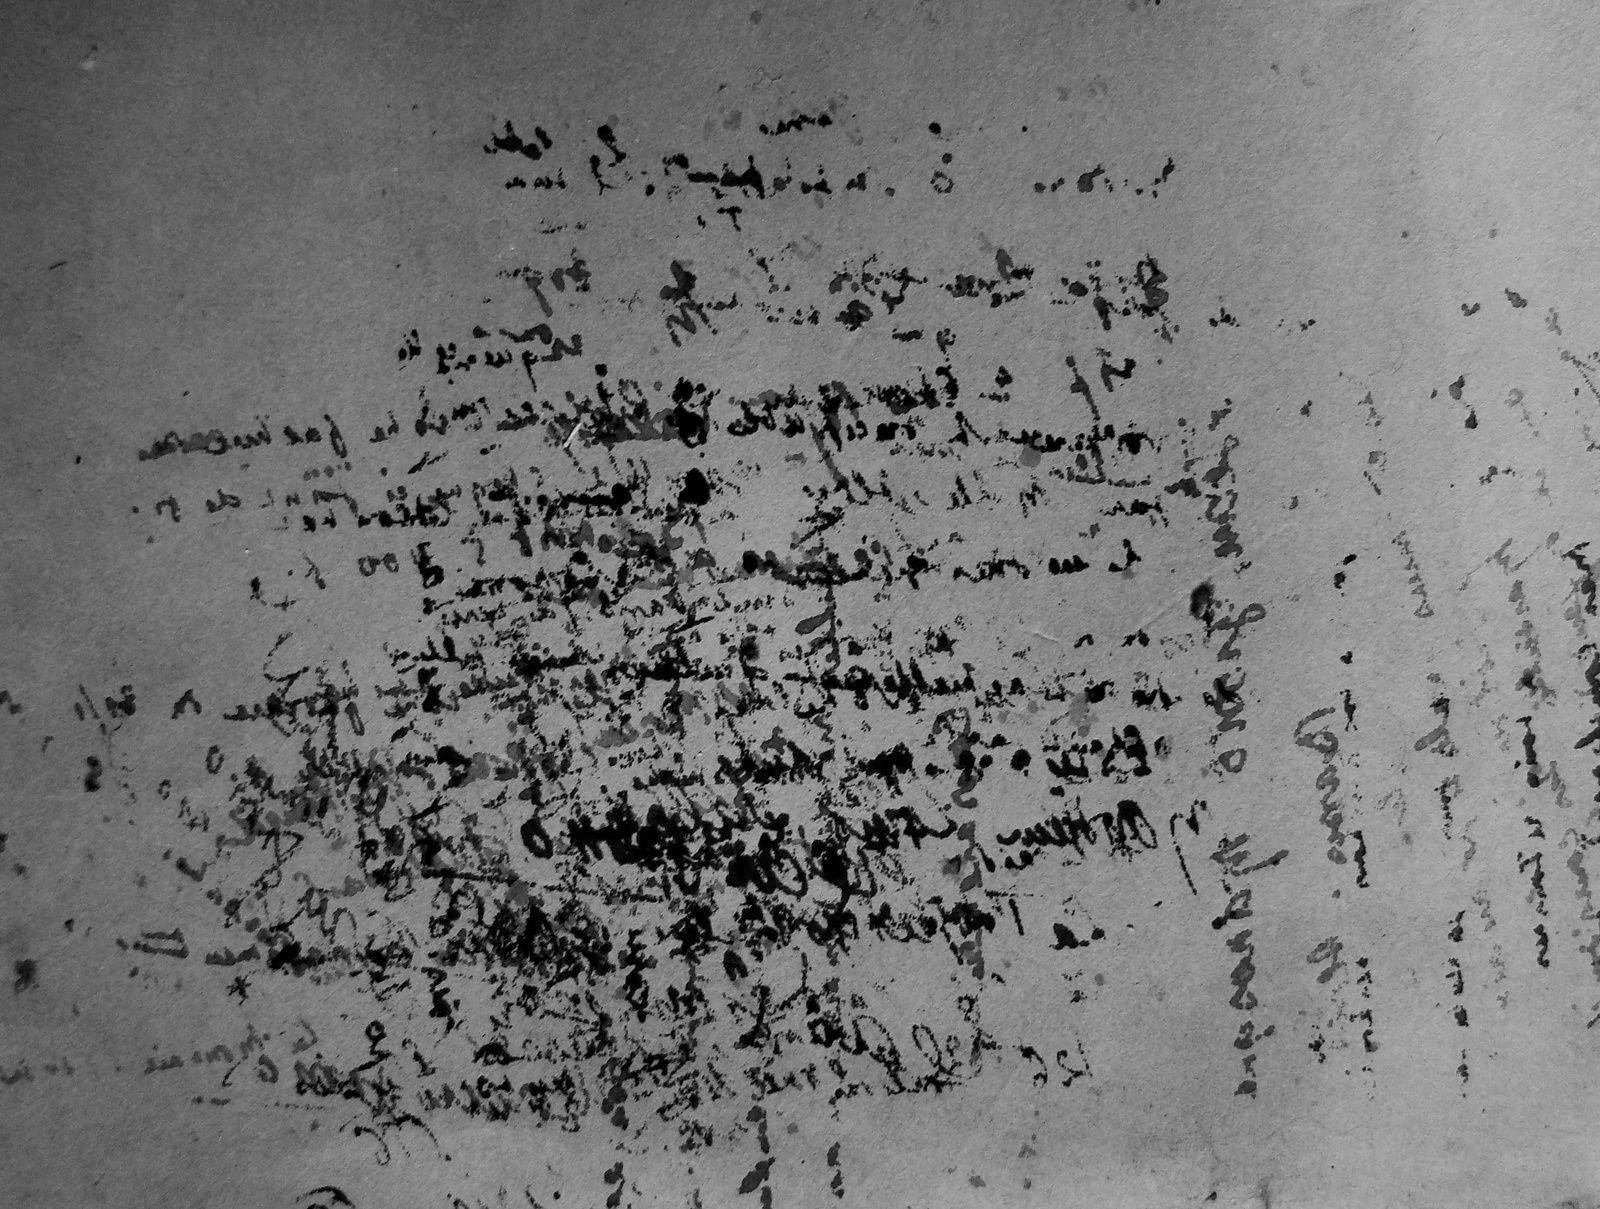 Sur un buvard de Giono, on peut  lire ce qu'il a écrit .....mais dans l'autre sens....